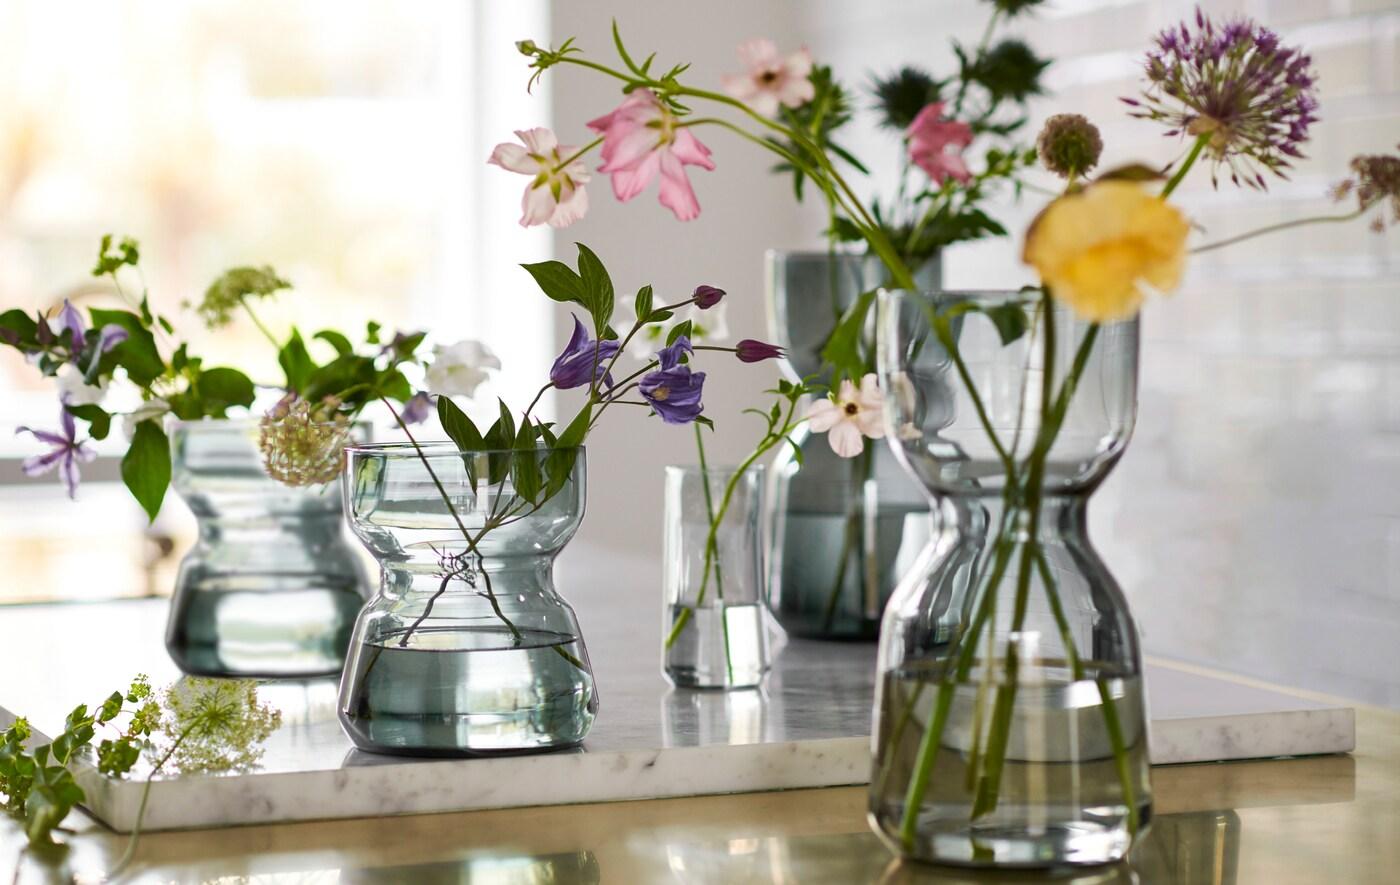 Plusieurs vases OMTÄNKSAM contenant des fleurs, plus étroits sur le milieu pour faciliter la prise en main, sont posés sur un plan de travail.